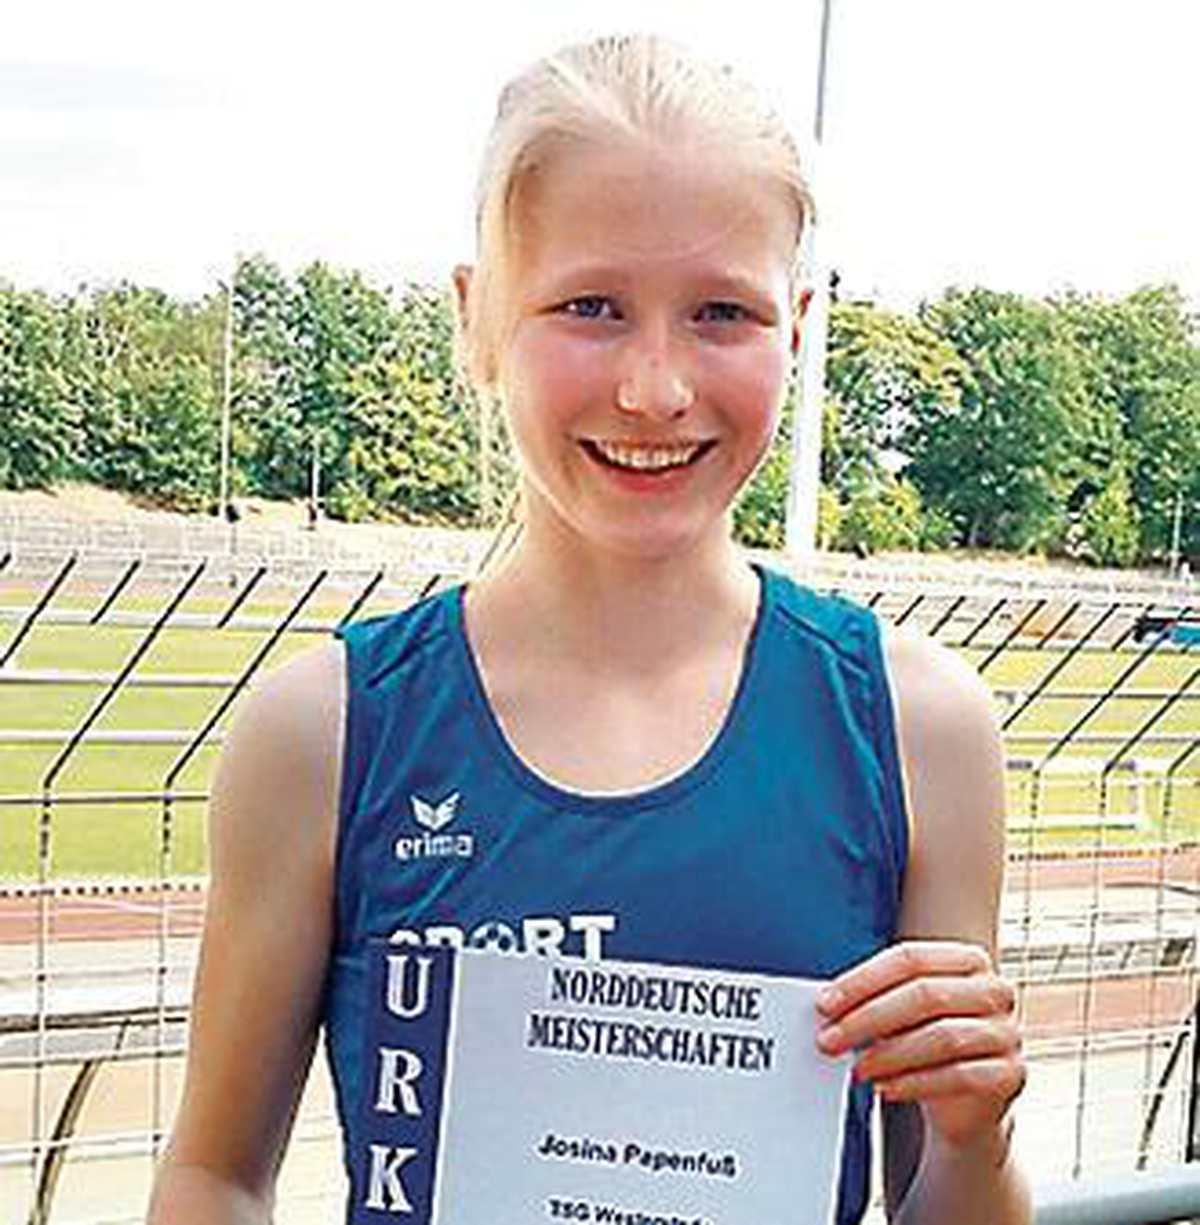 Leichtathletik Westerstede: Josina Papenfuß läuft sich